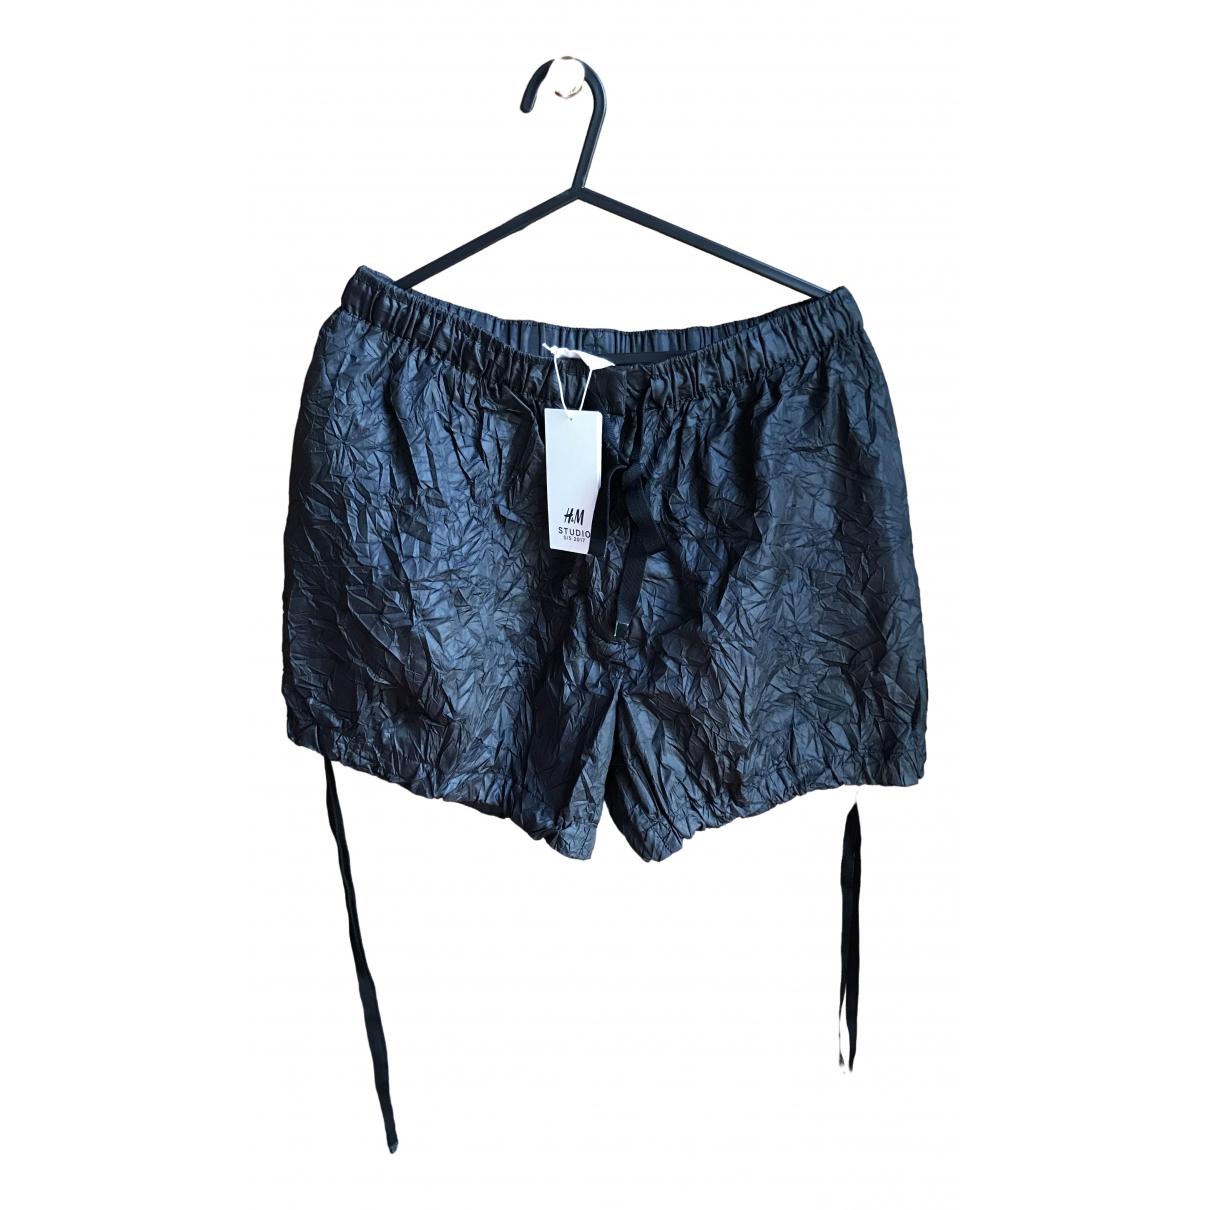 H&m Studio \N Black Shorts for Women 36 FR